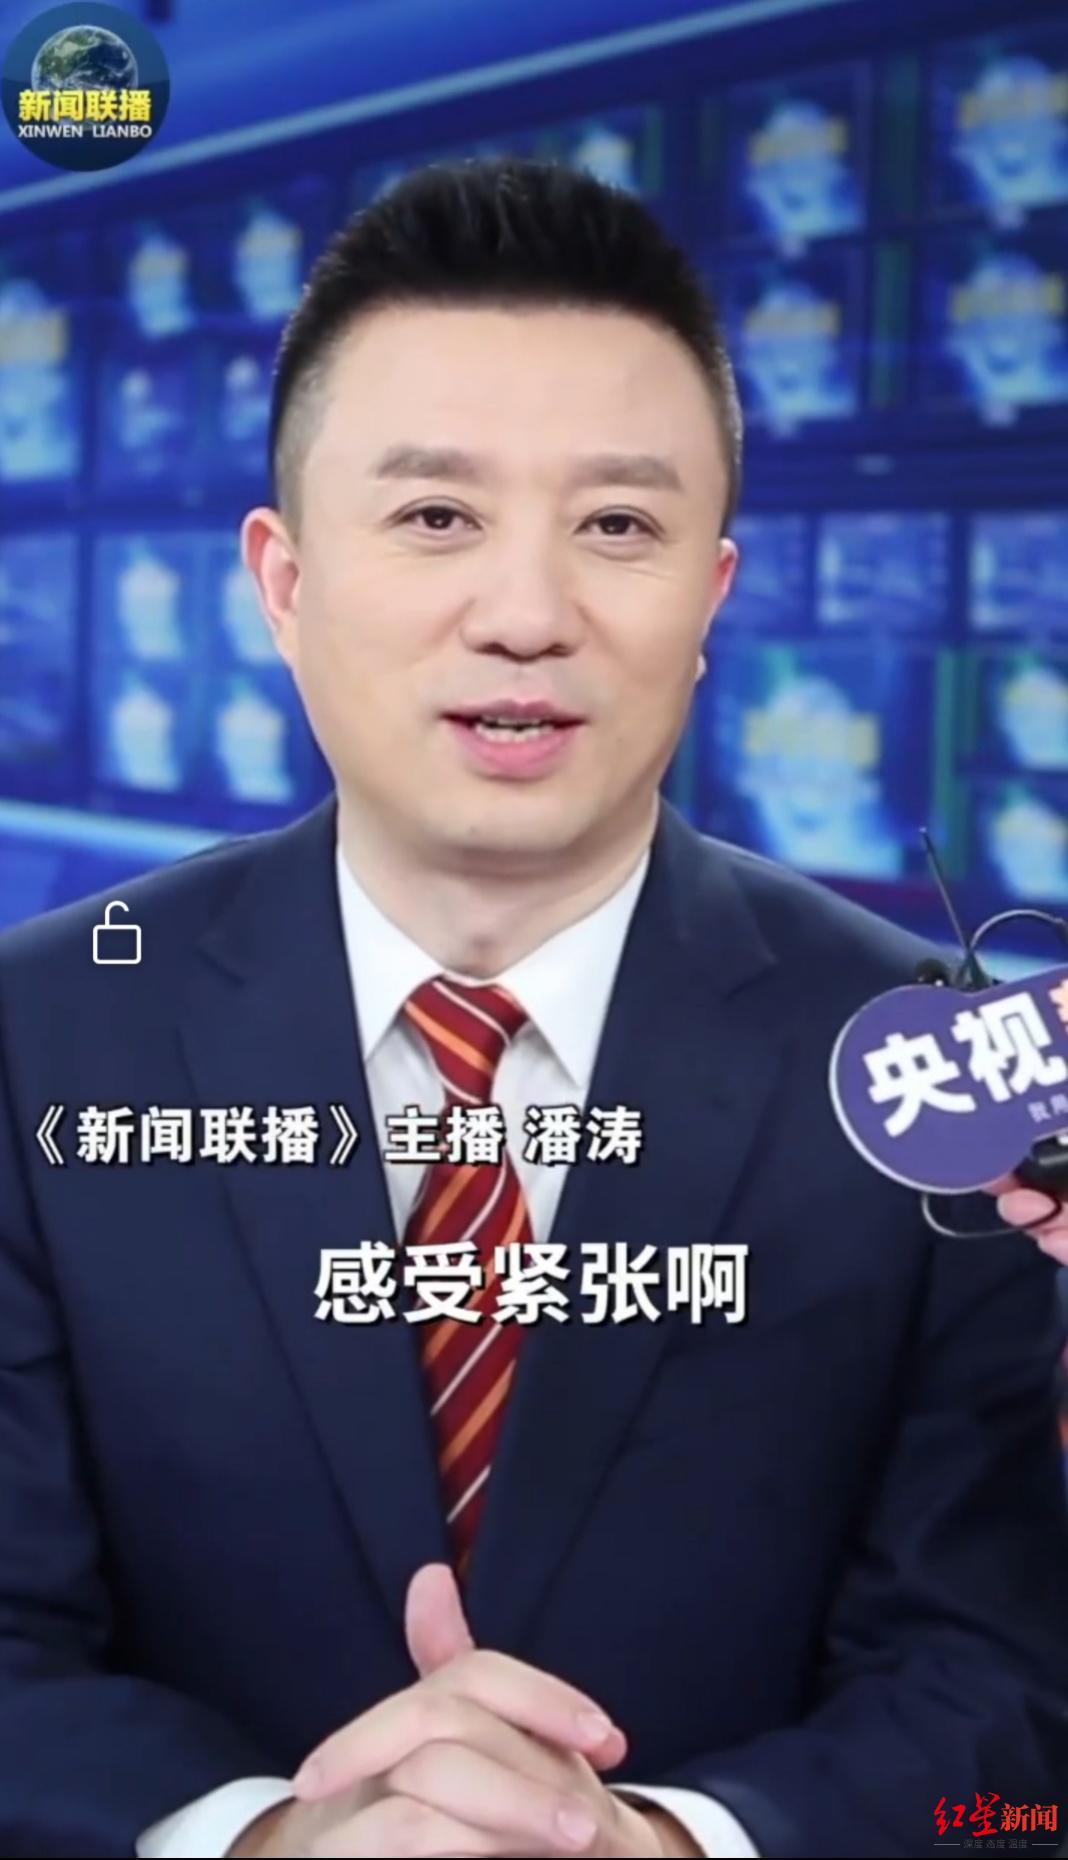 【龙卷风优化软件】_《新闻联播》新主播首秀略紧张?潘涛:确实压力大